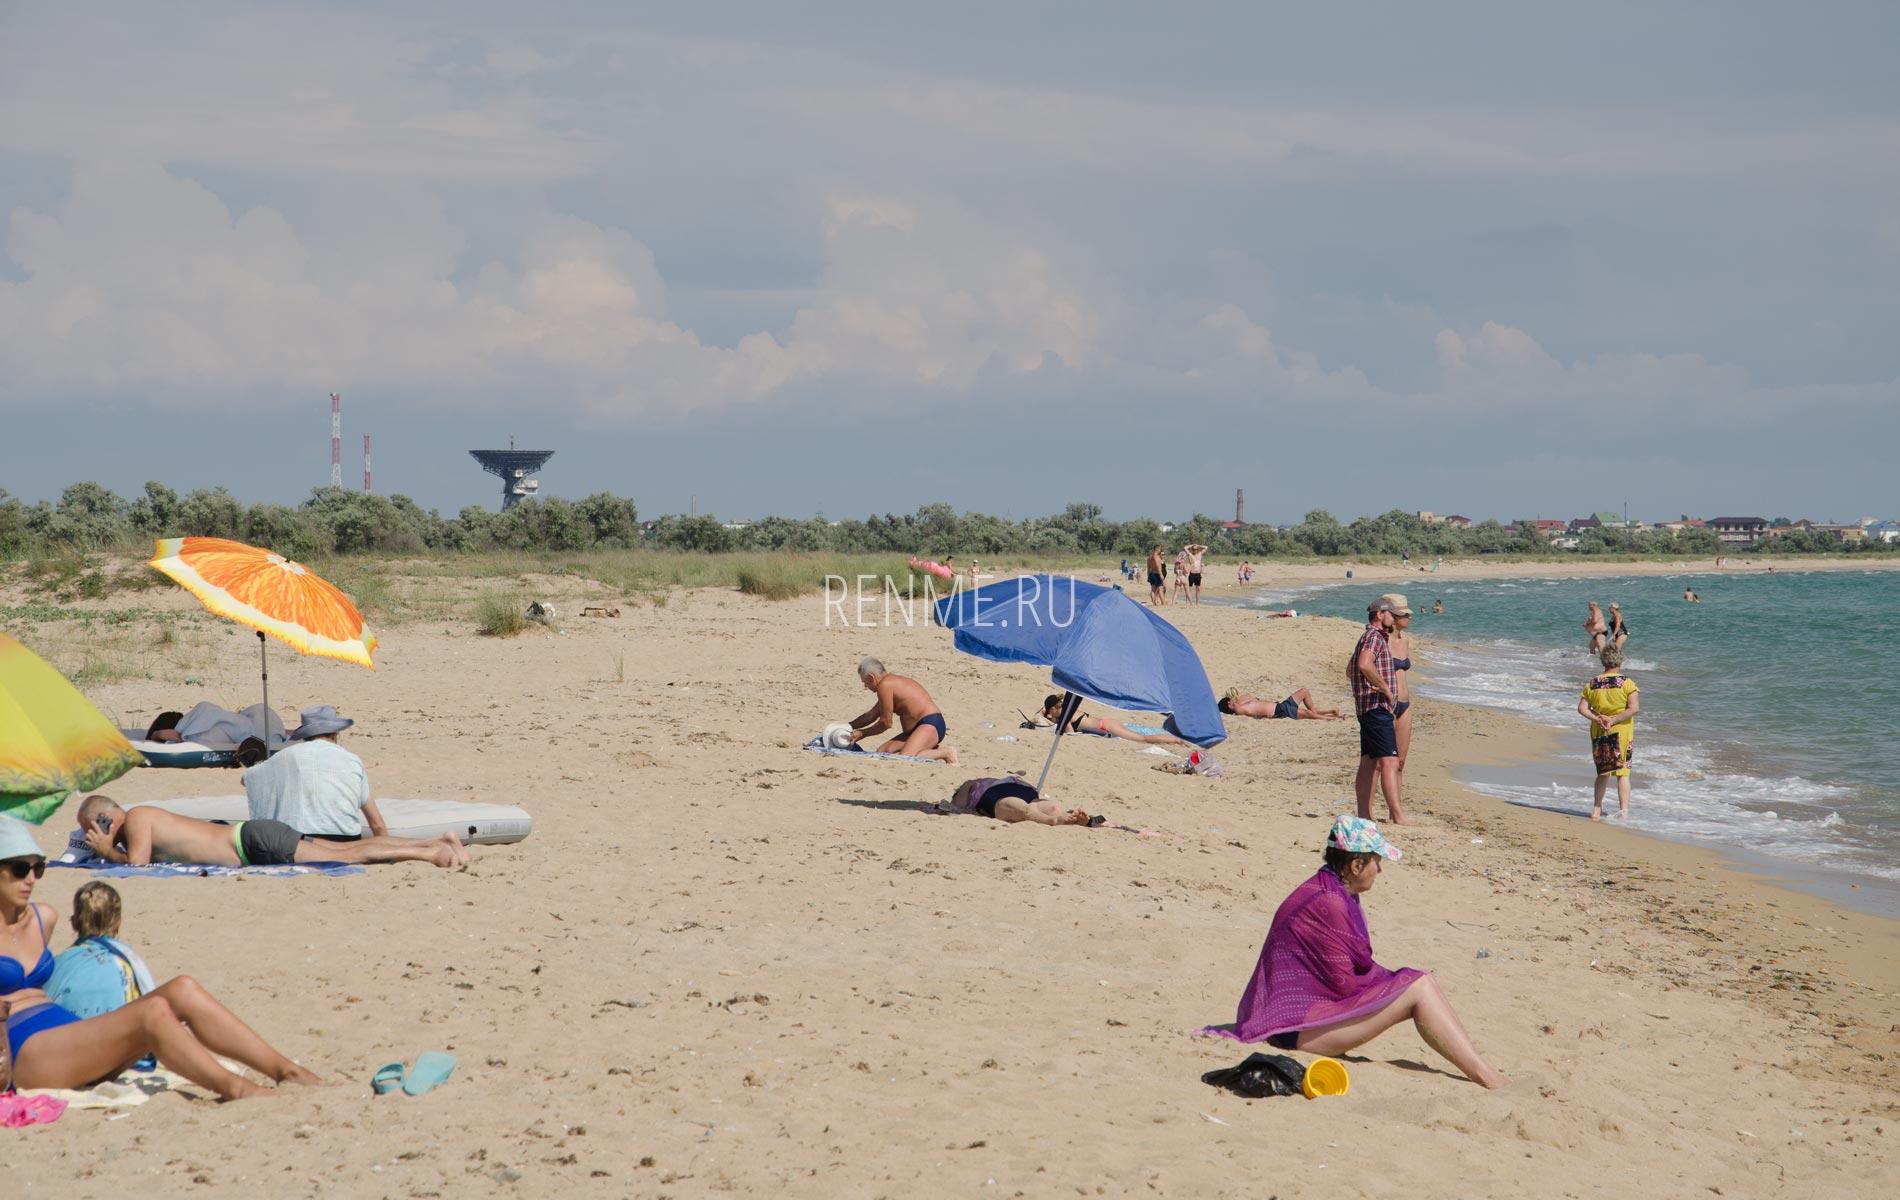 С зонтиком на пляж в Крыму. Фото Молочного